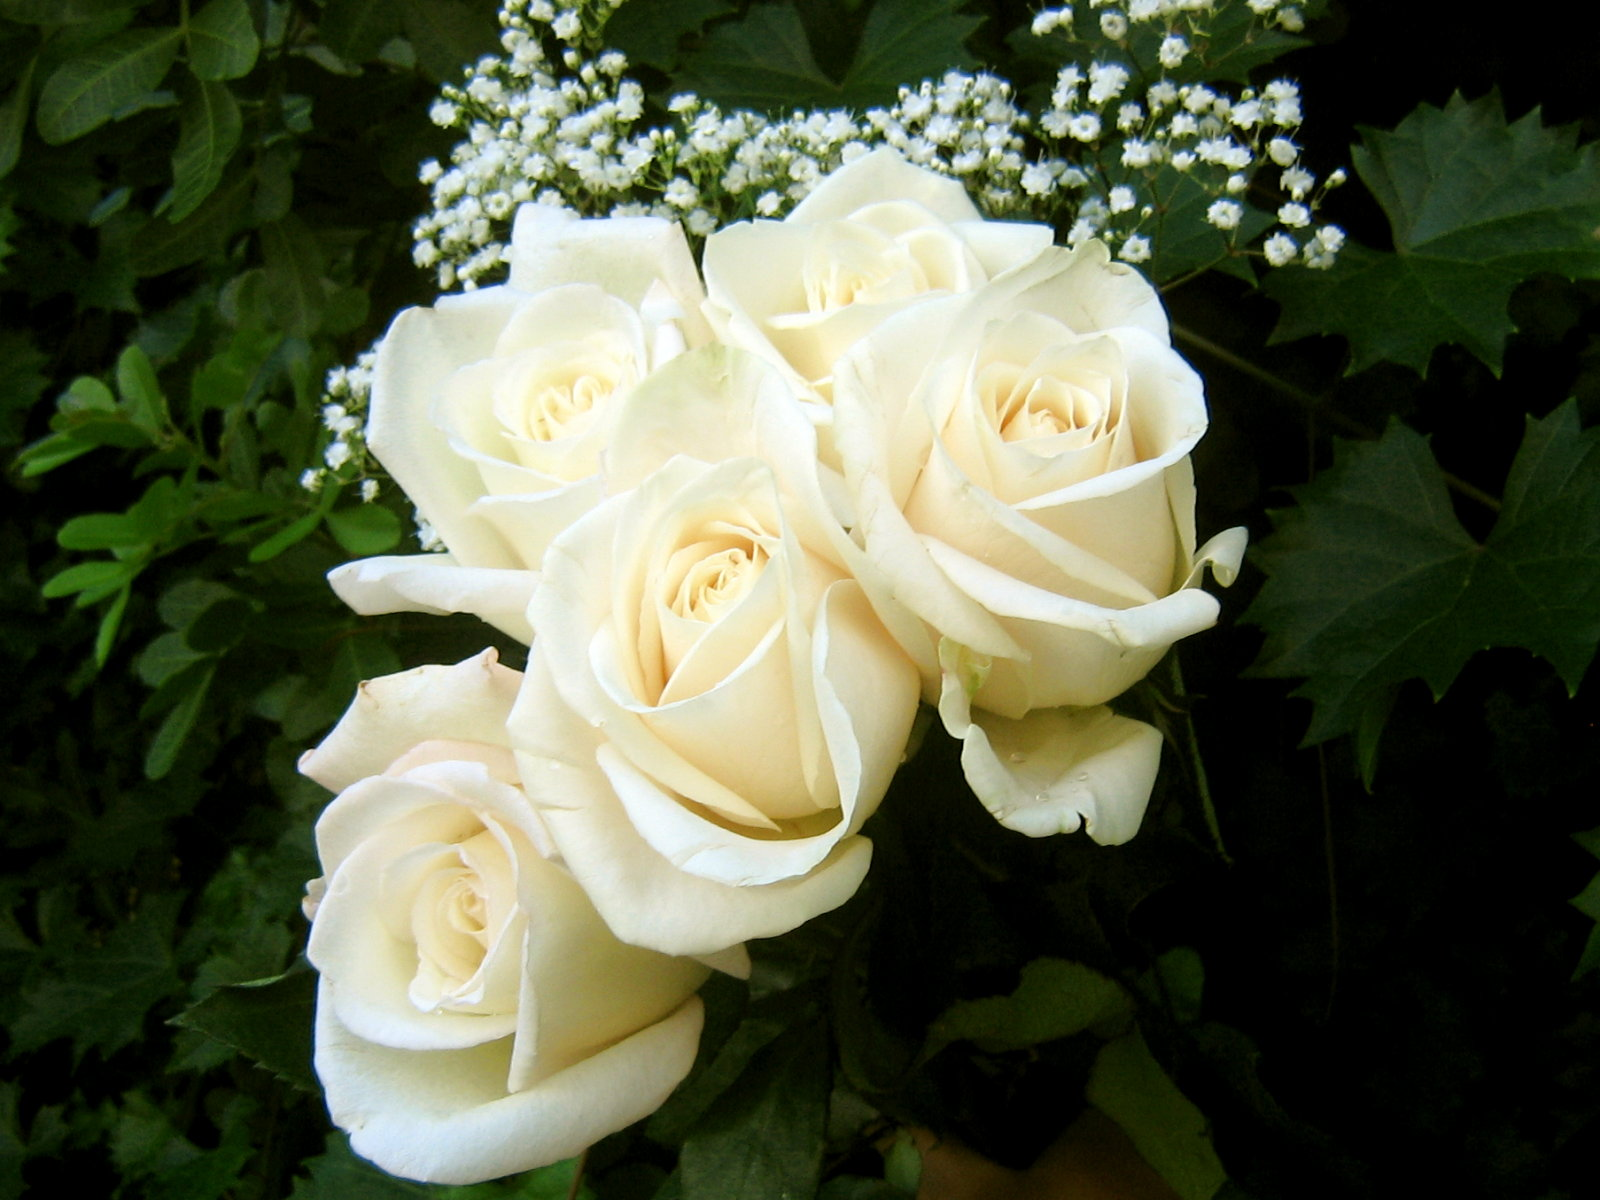 bloomed white roses wallpaper - photo #6